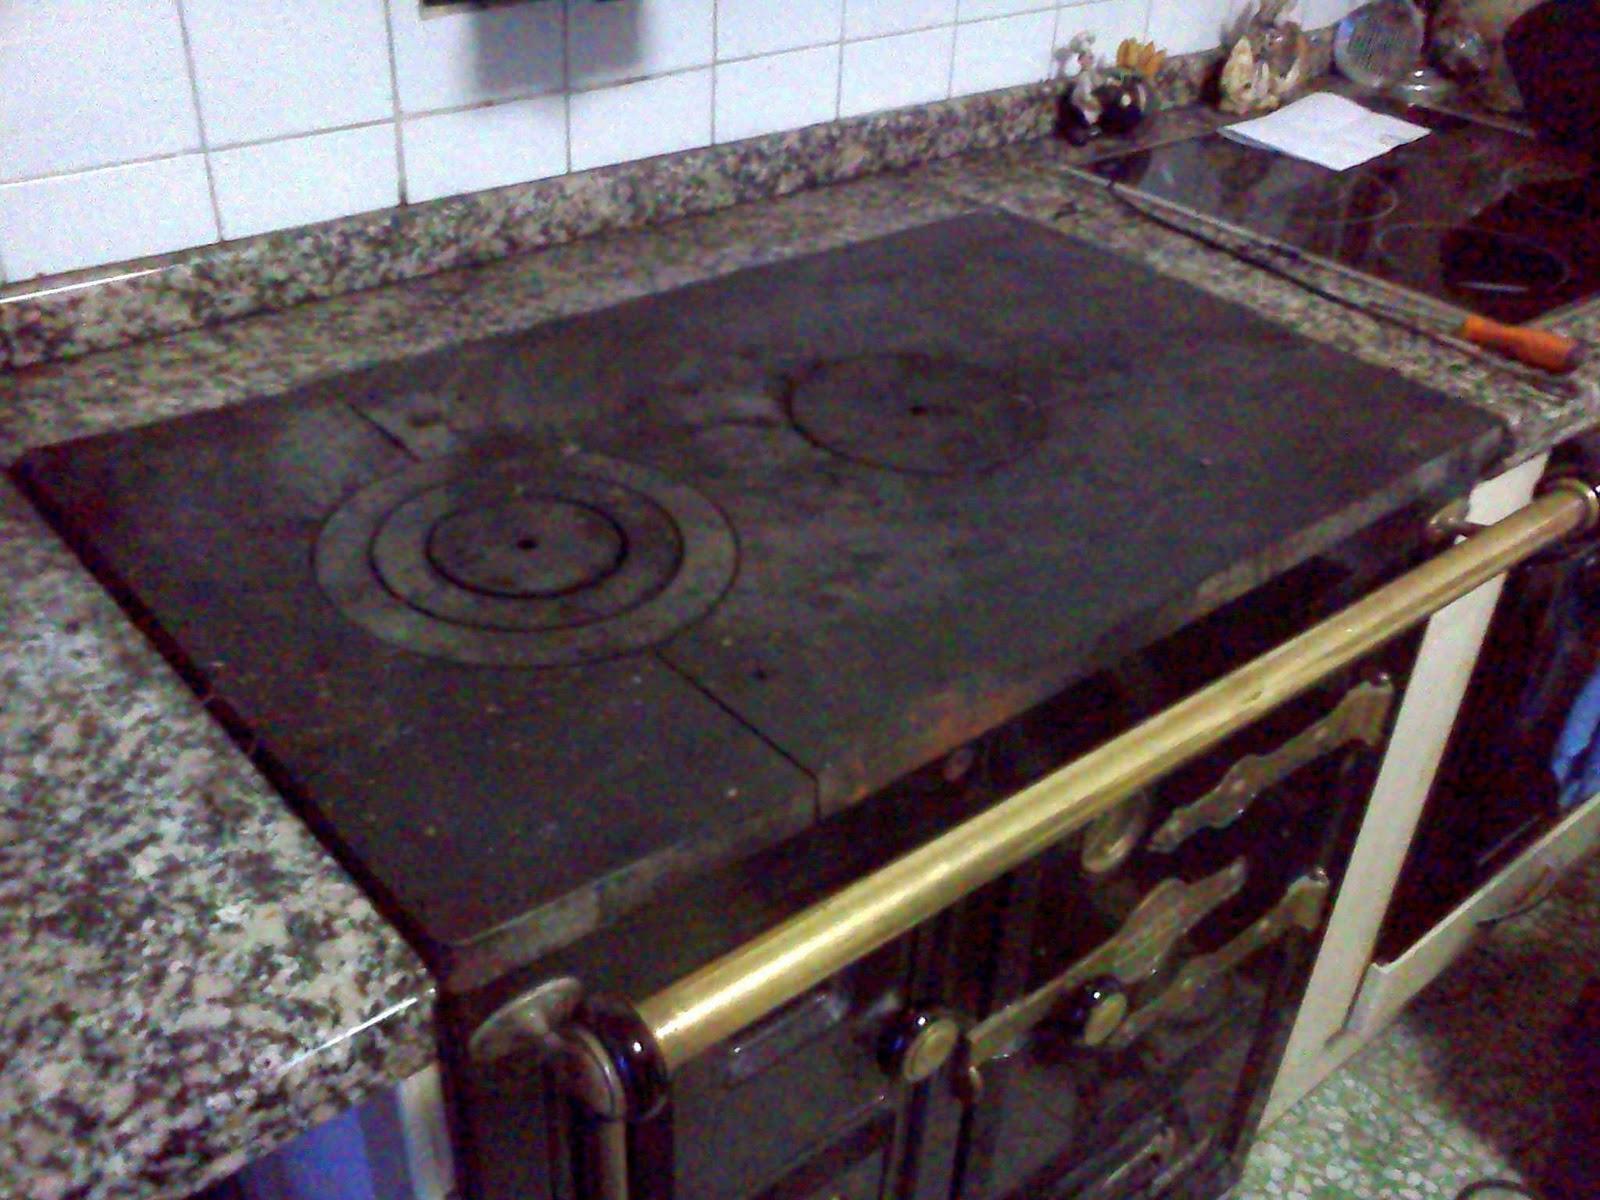 Tecnolog a para un progreso sostenible calentar la casa - Calentar la casa ...